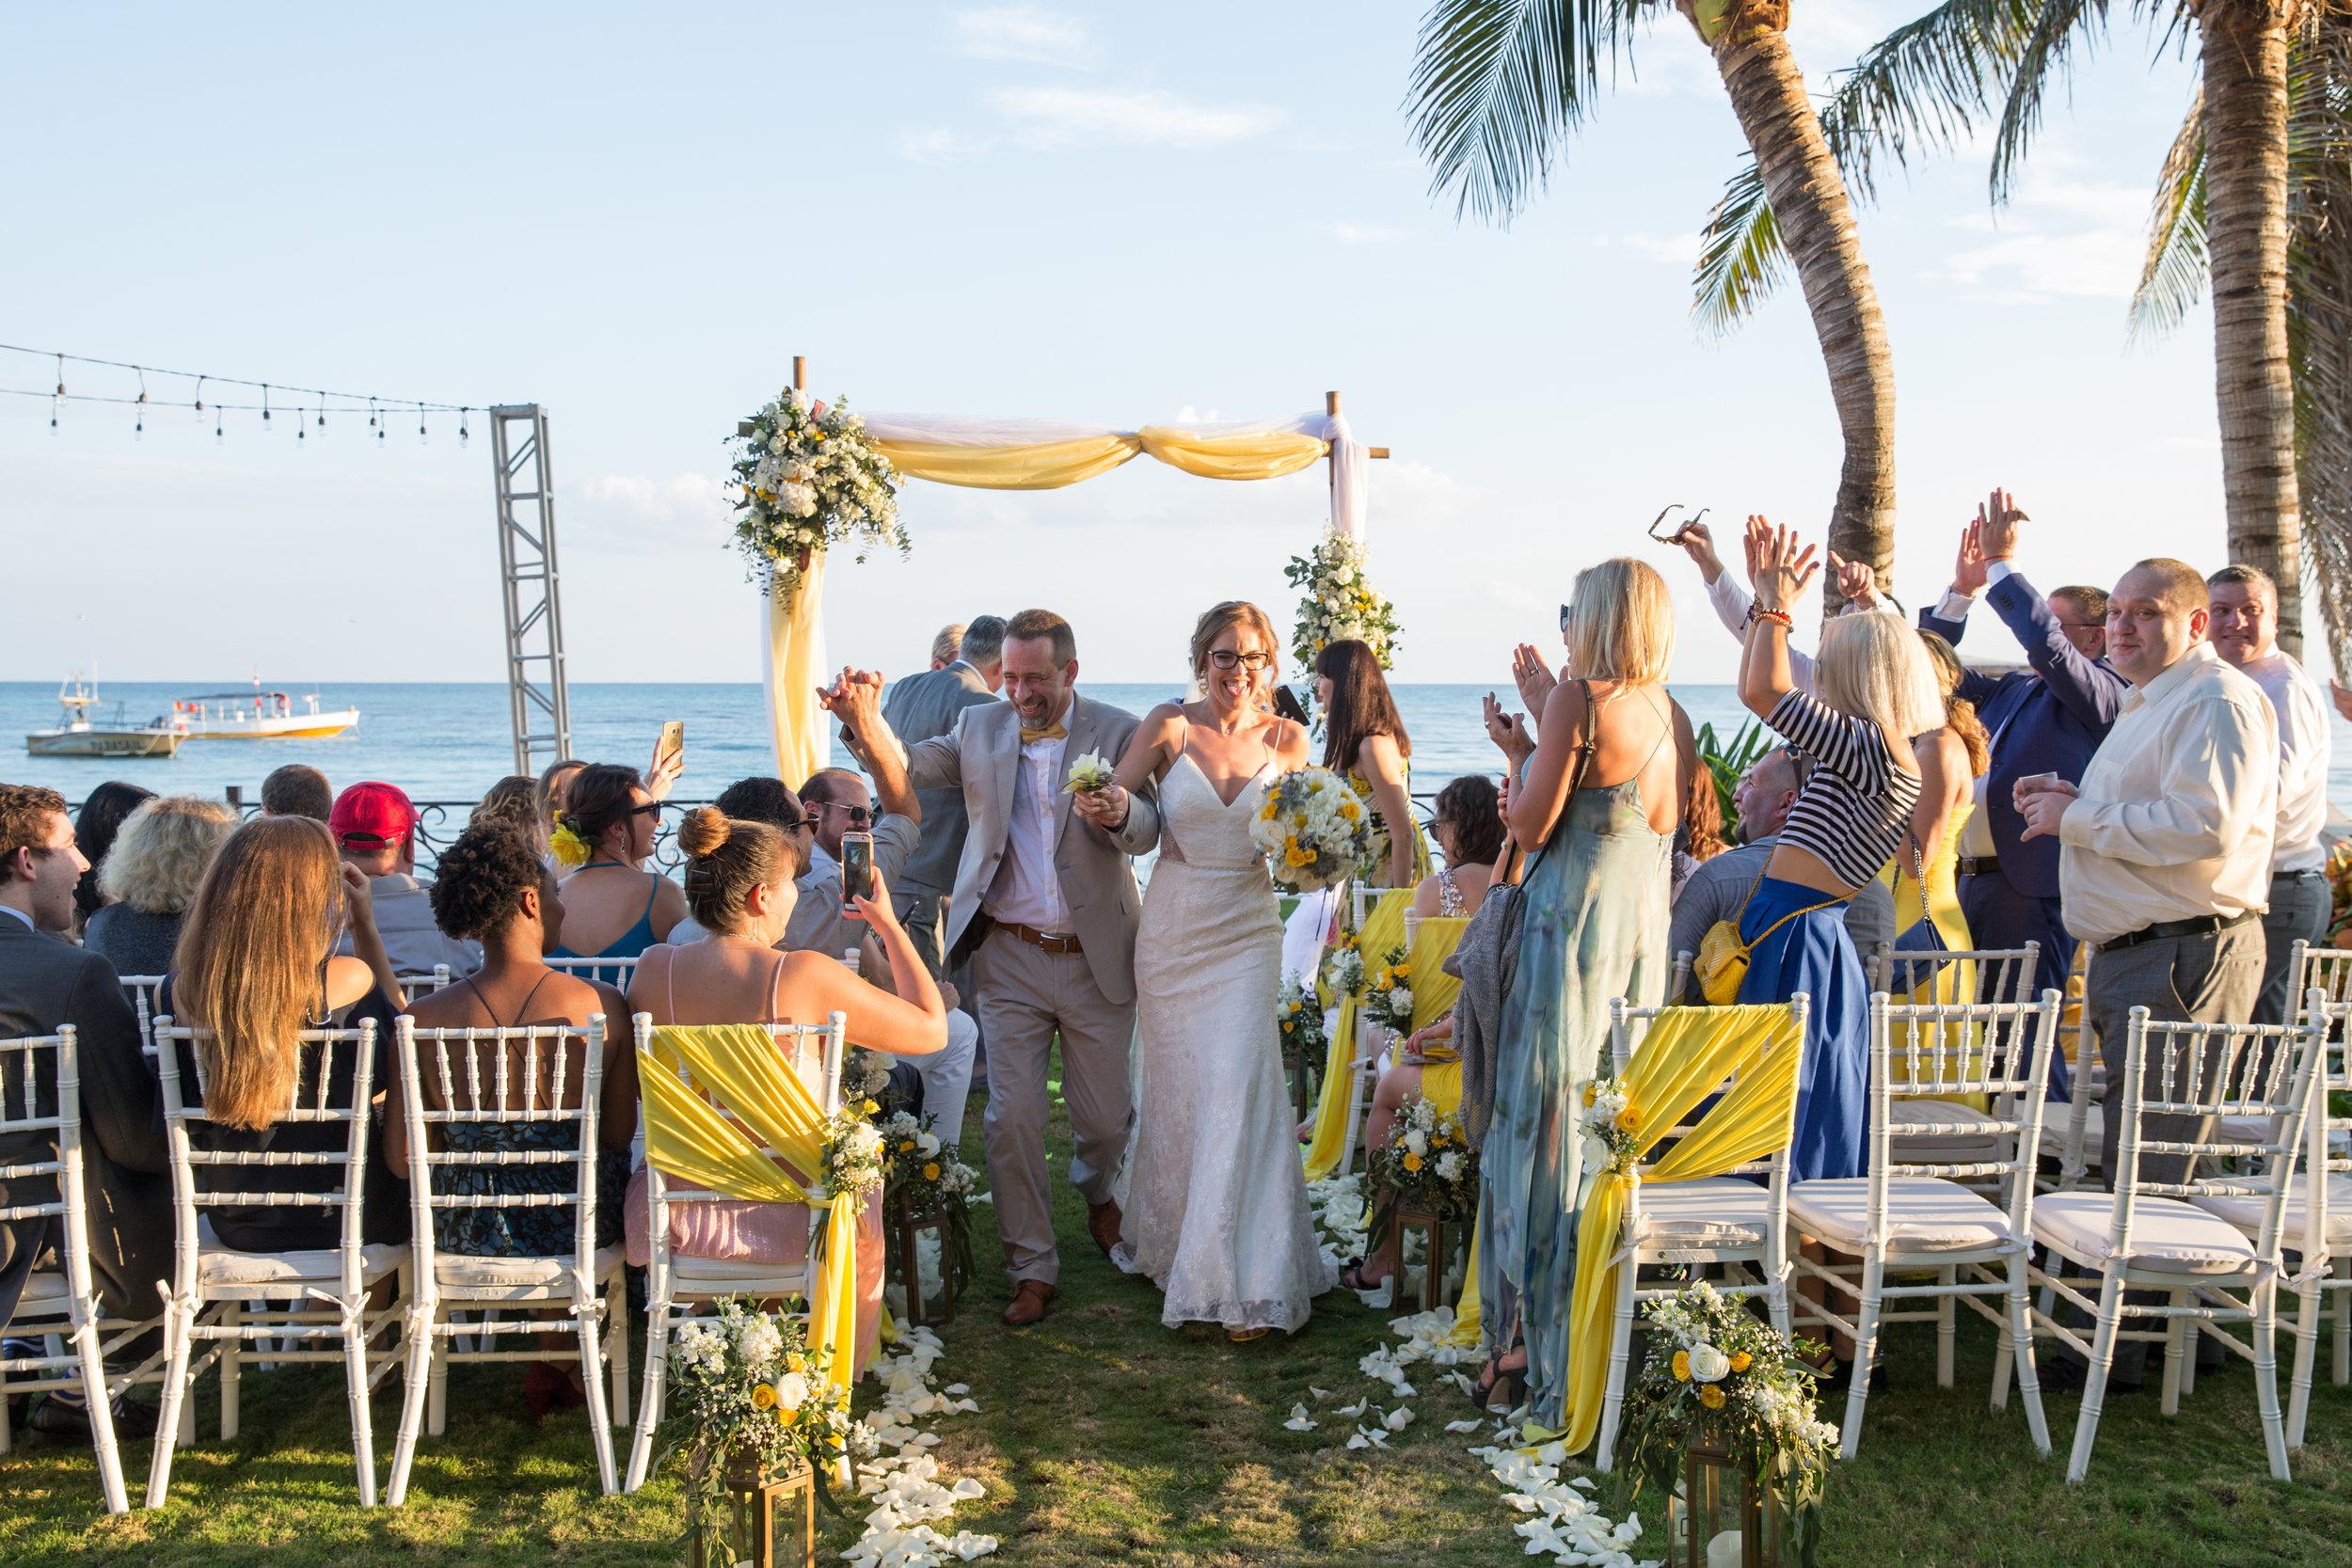 destination-wedding-venue-villa-la-joya-36.jpg